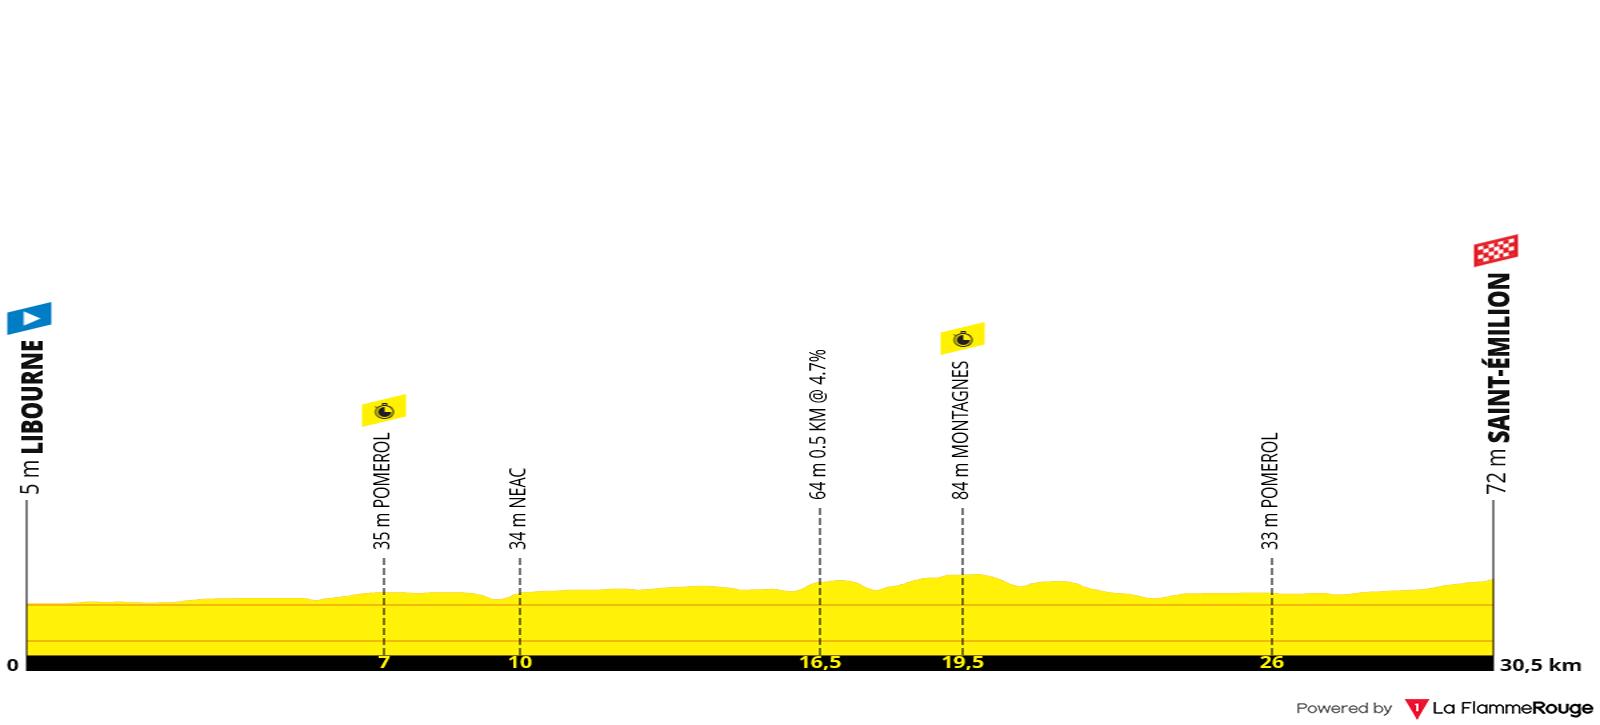 Perfil Etapa 20 - Tour de Francia 2021 - Contrareloj